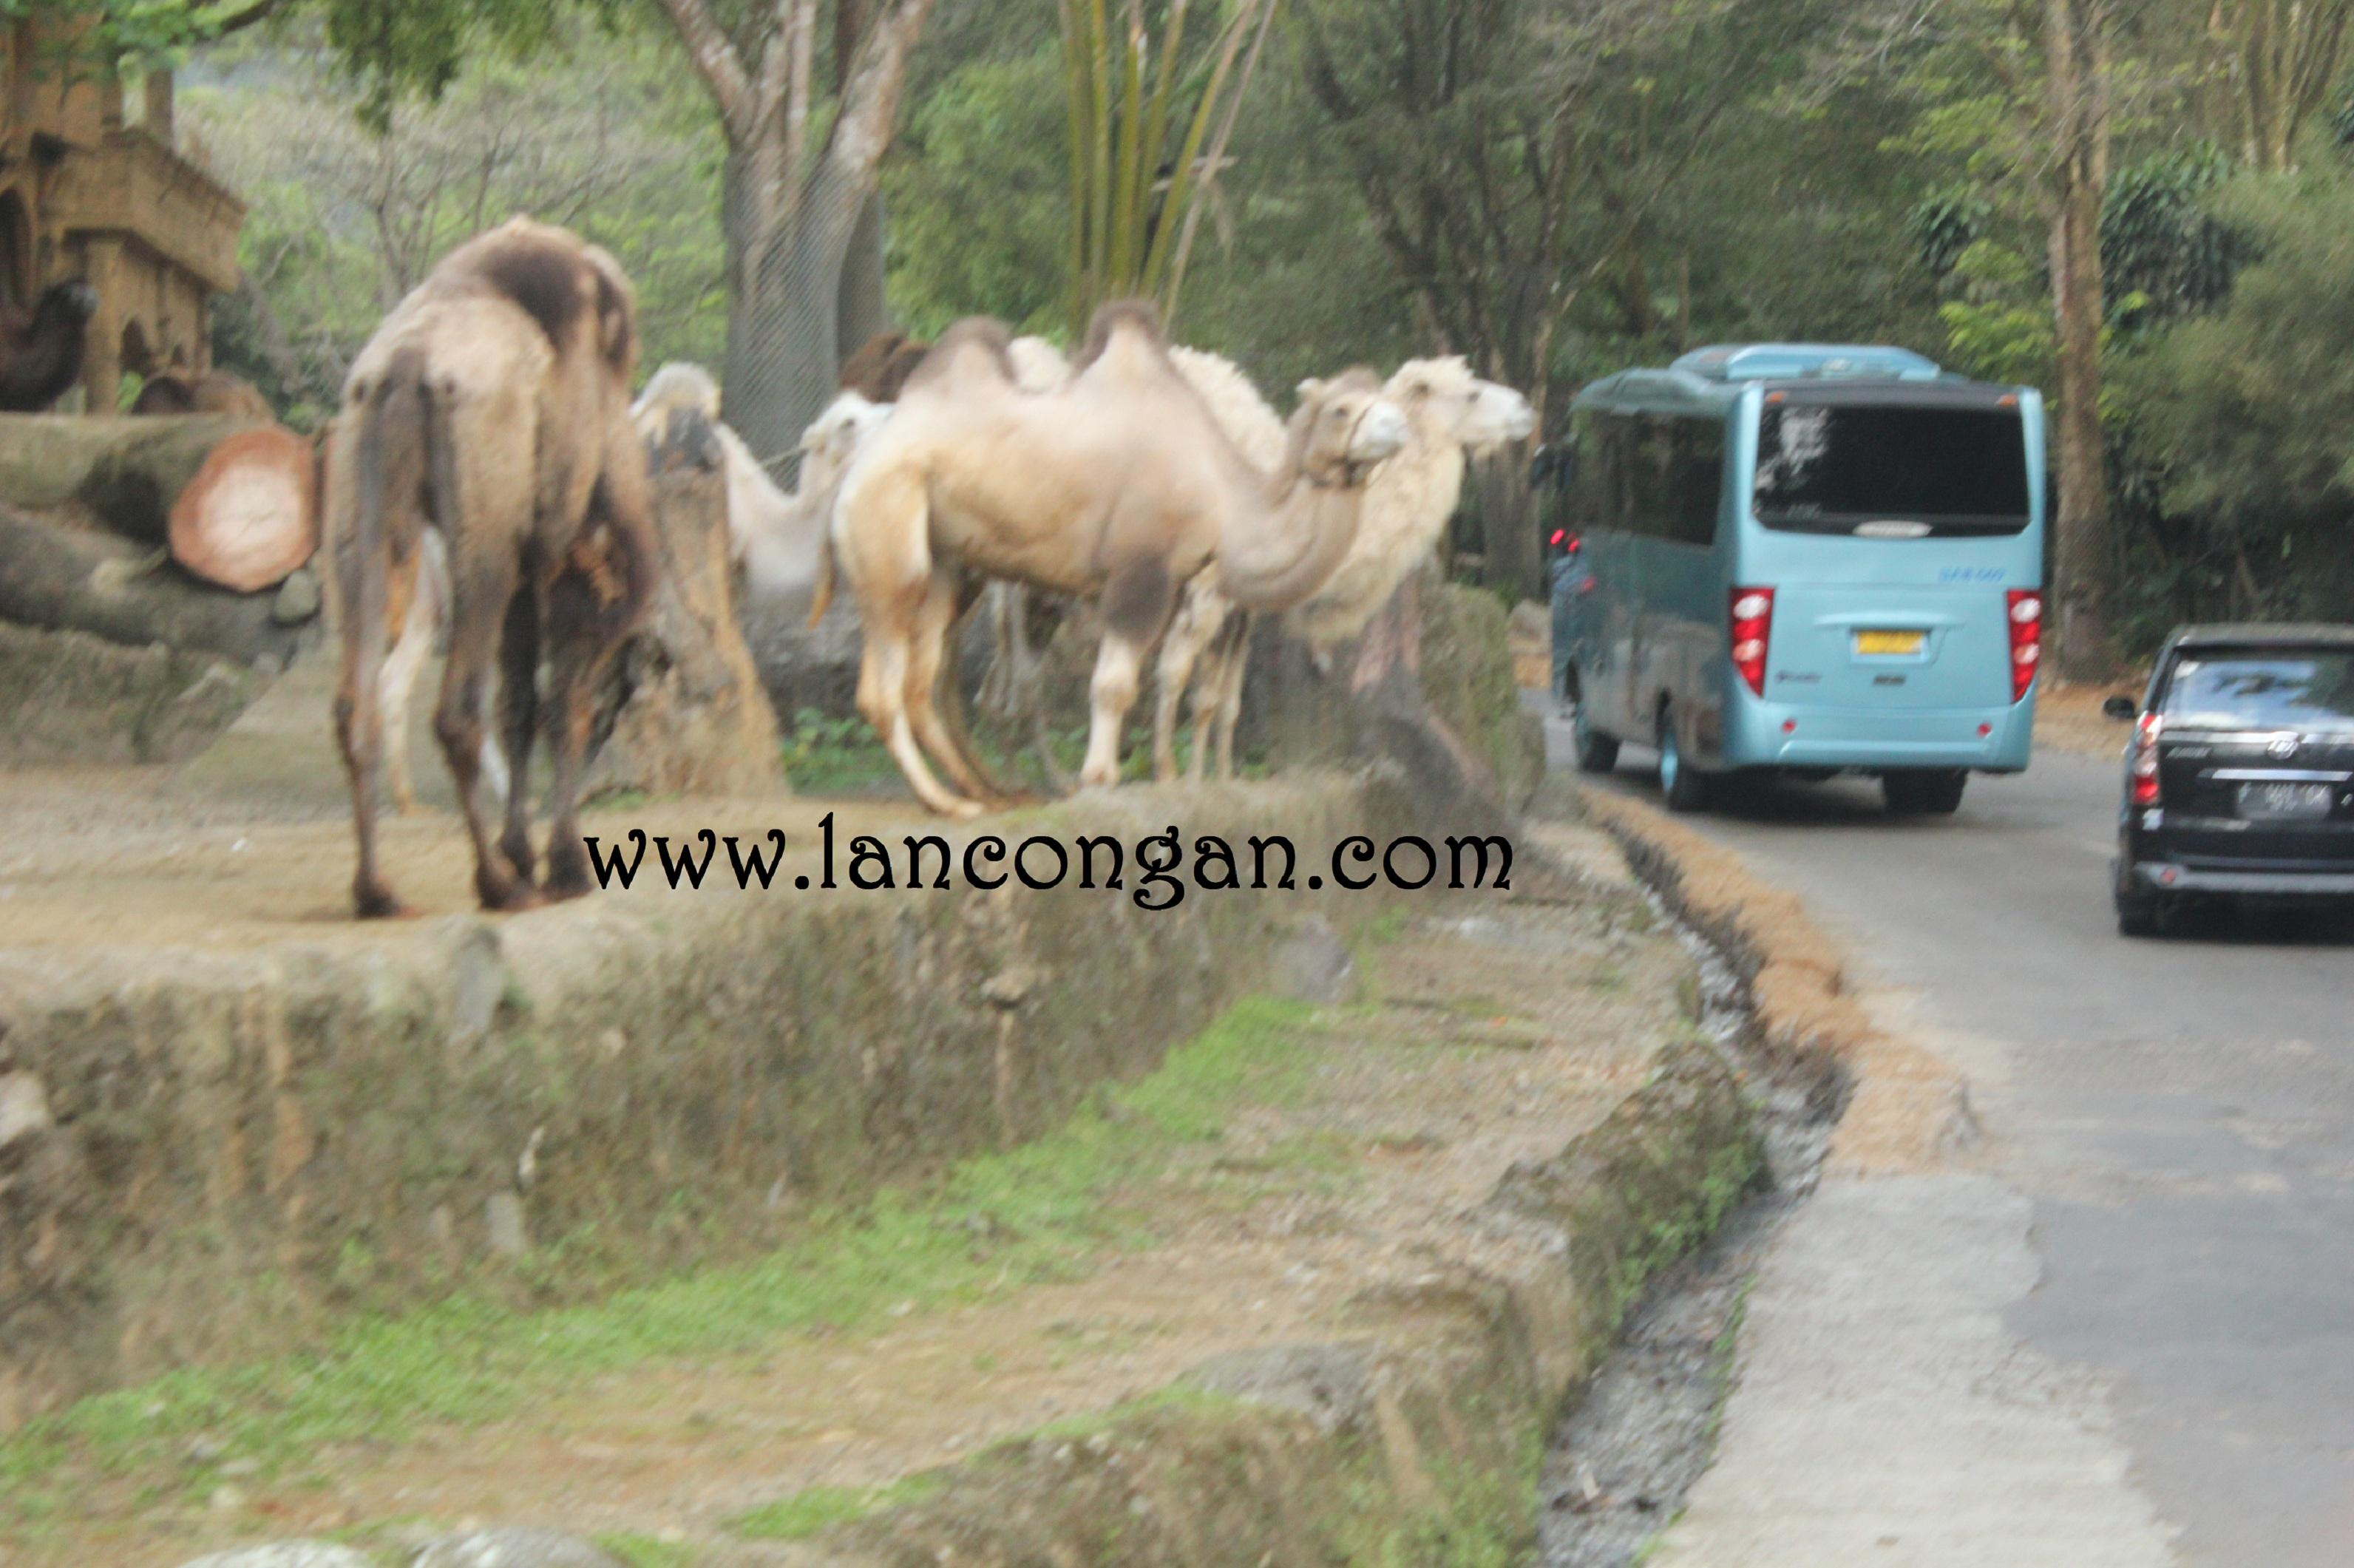 Paket Gathering 2017 Taman Safari Bogor Lancongan Travel Planner Tour